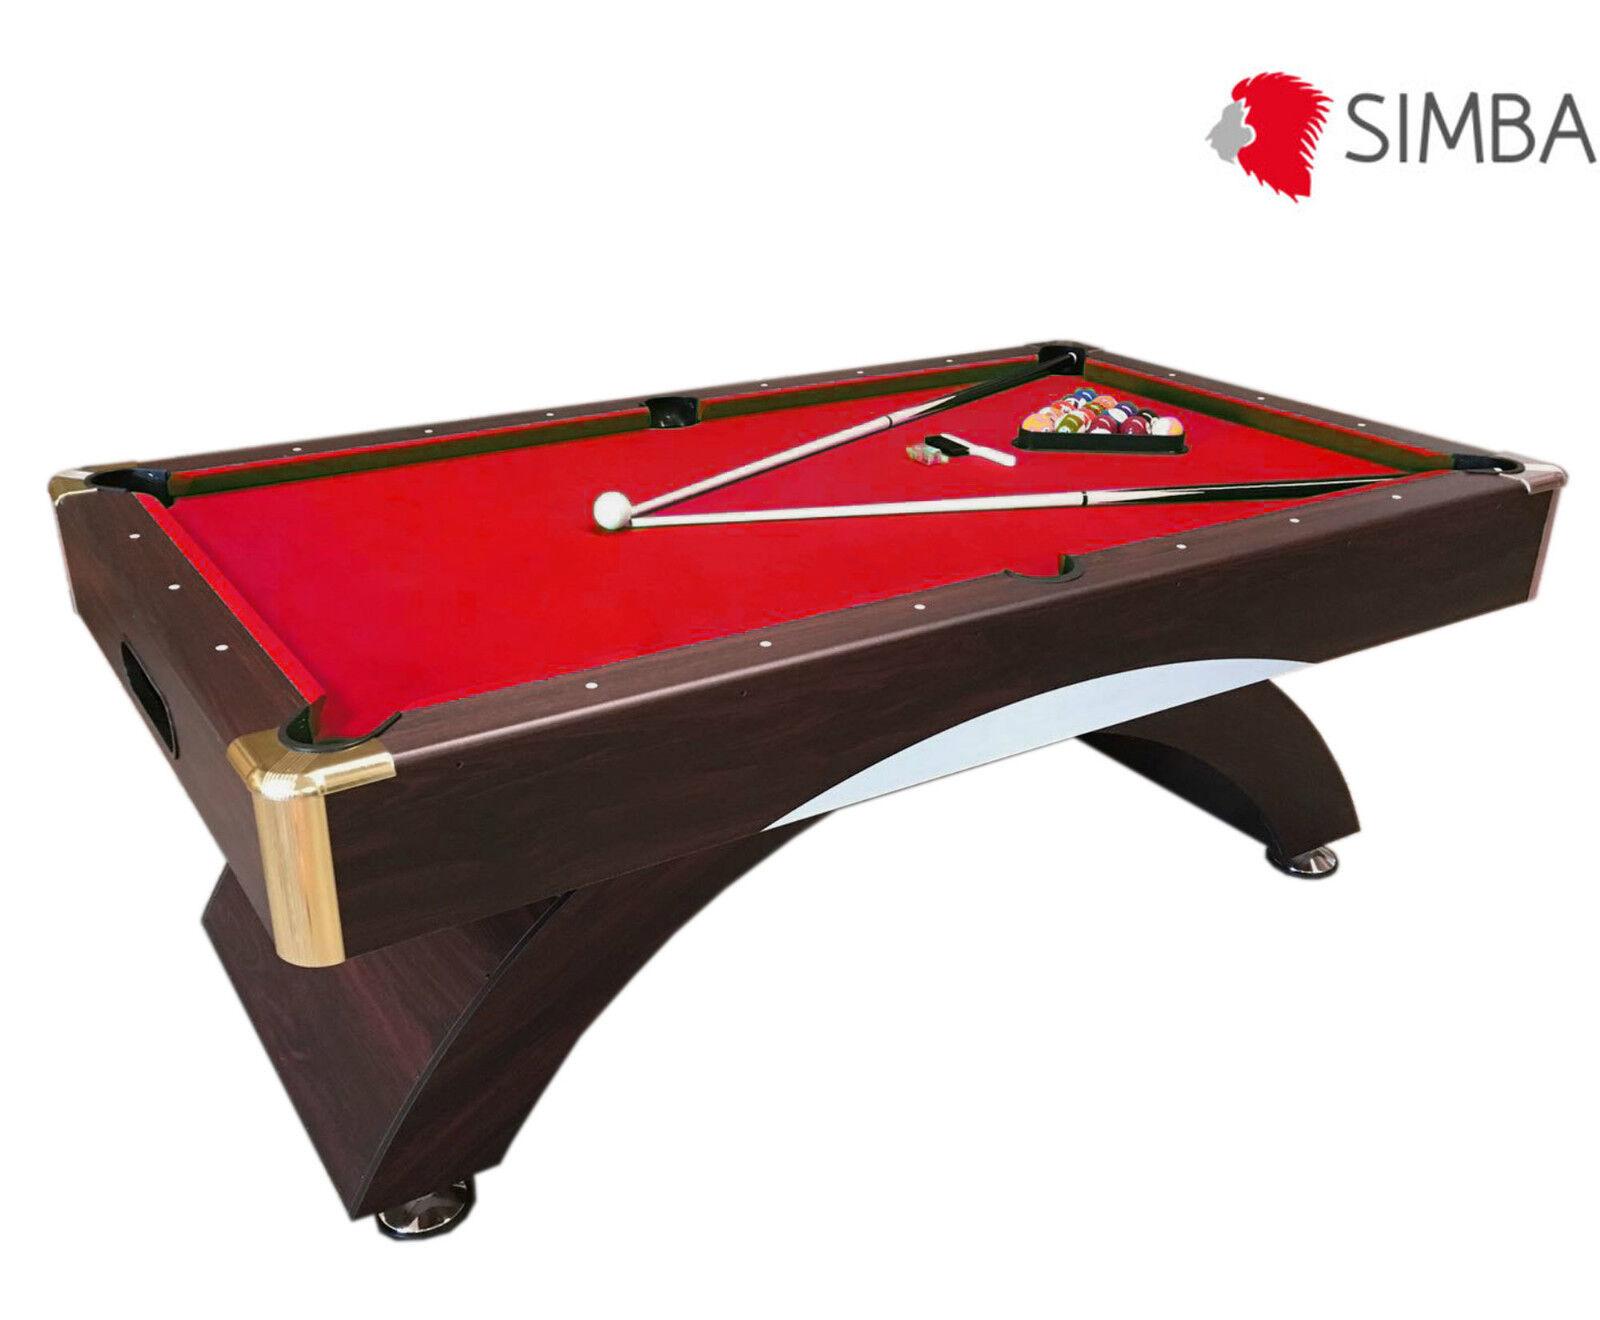 calidad oficial Mesa de billar juegos de billar pool pool pool 8 ft Cocheambola Medición 220 x 110 cm Caesar  buscando agente de ventas